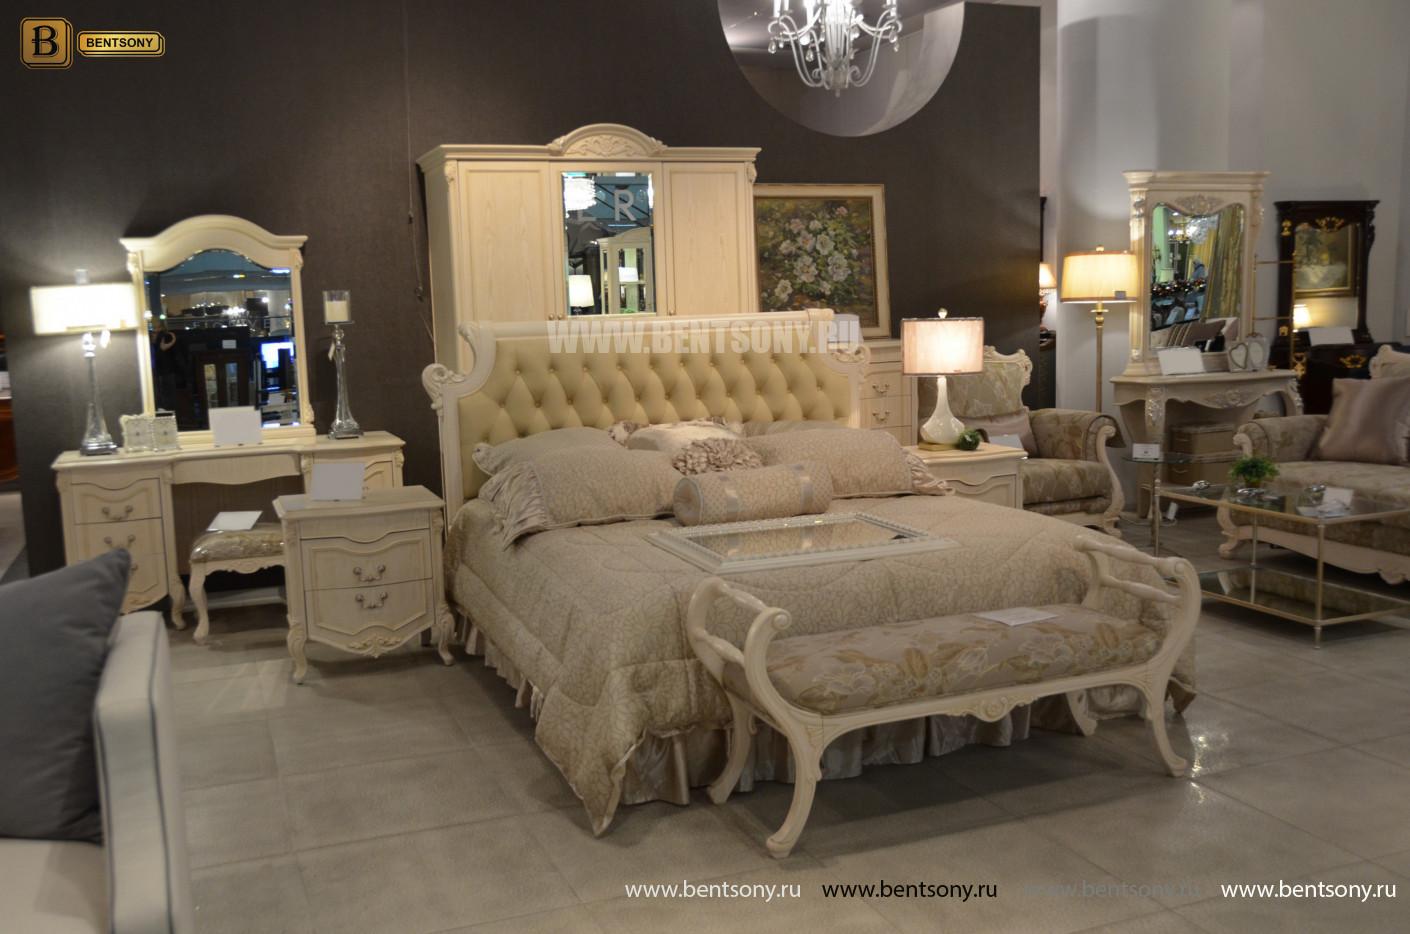 Кровать Флетчер-W D (Классика, Ткань) каталог мебели